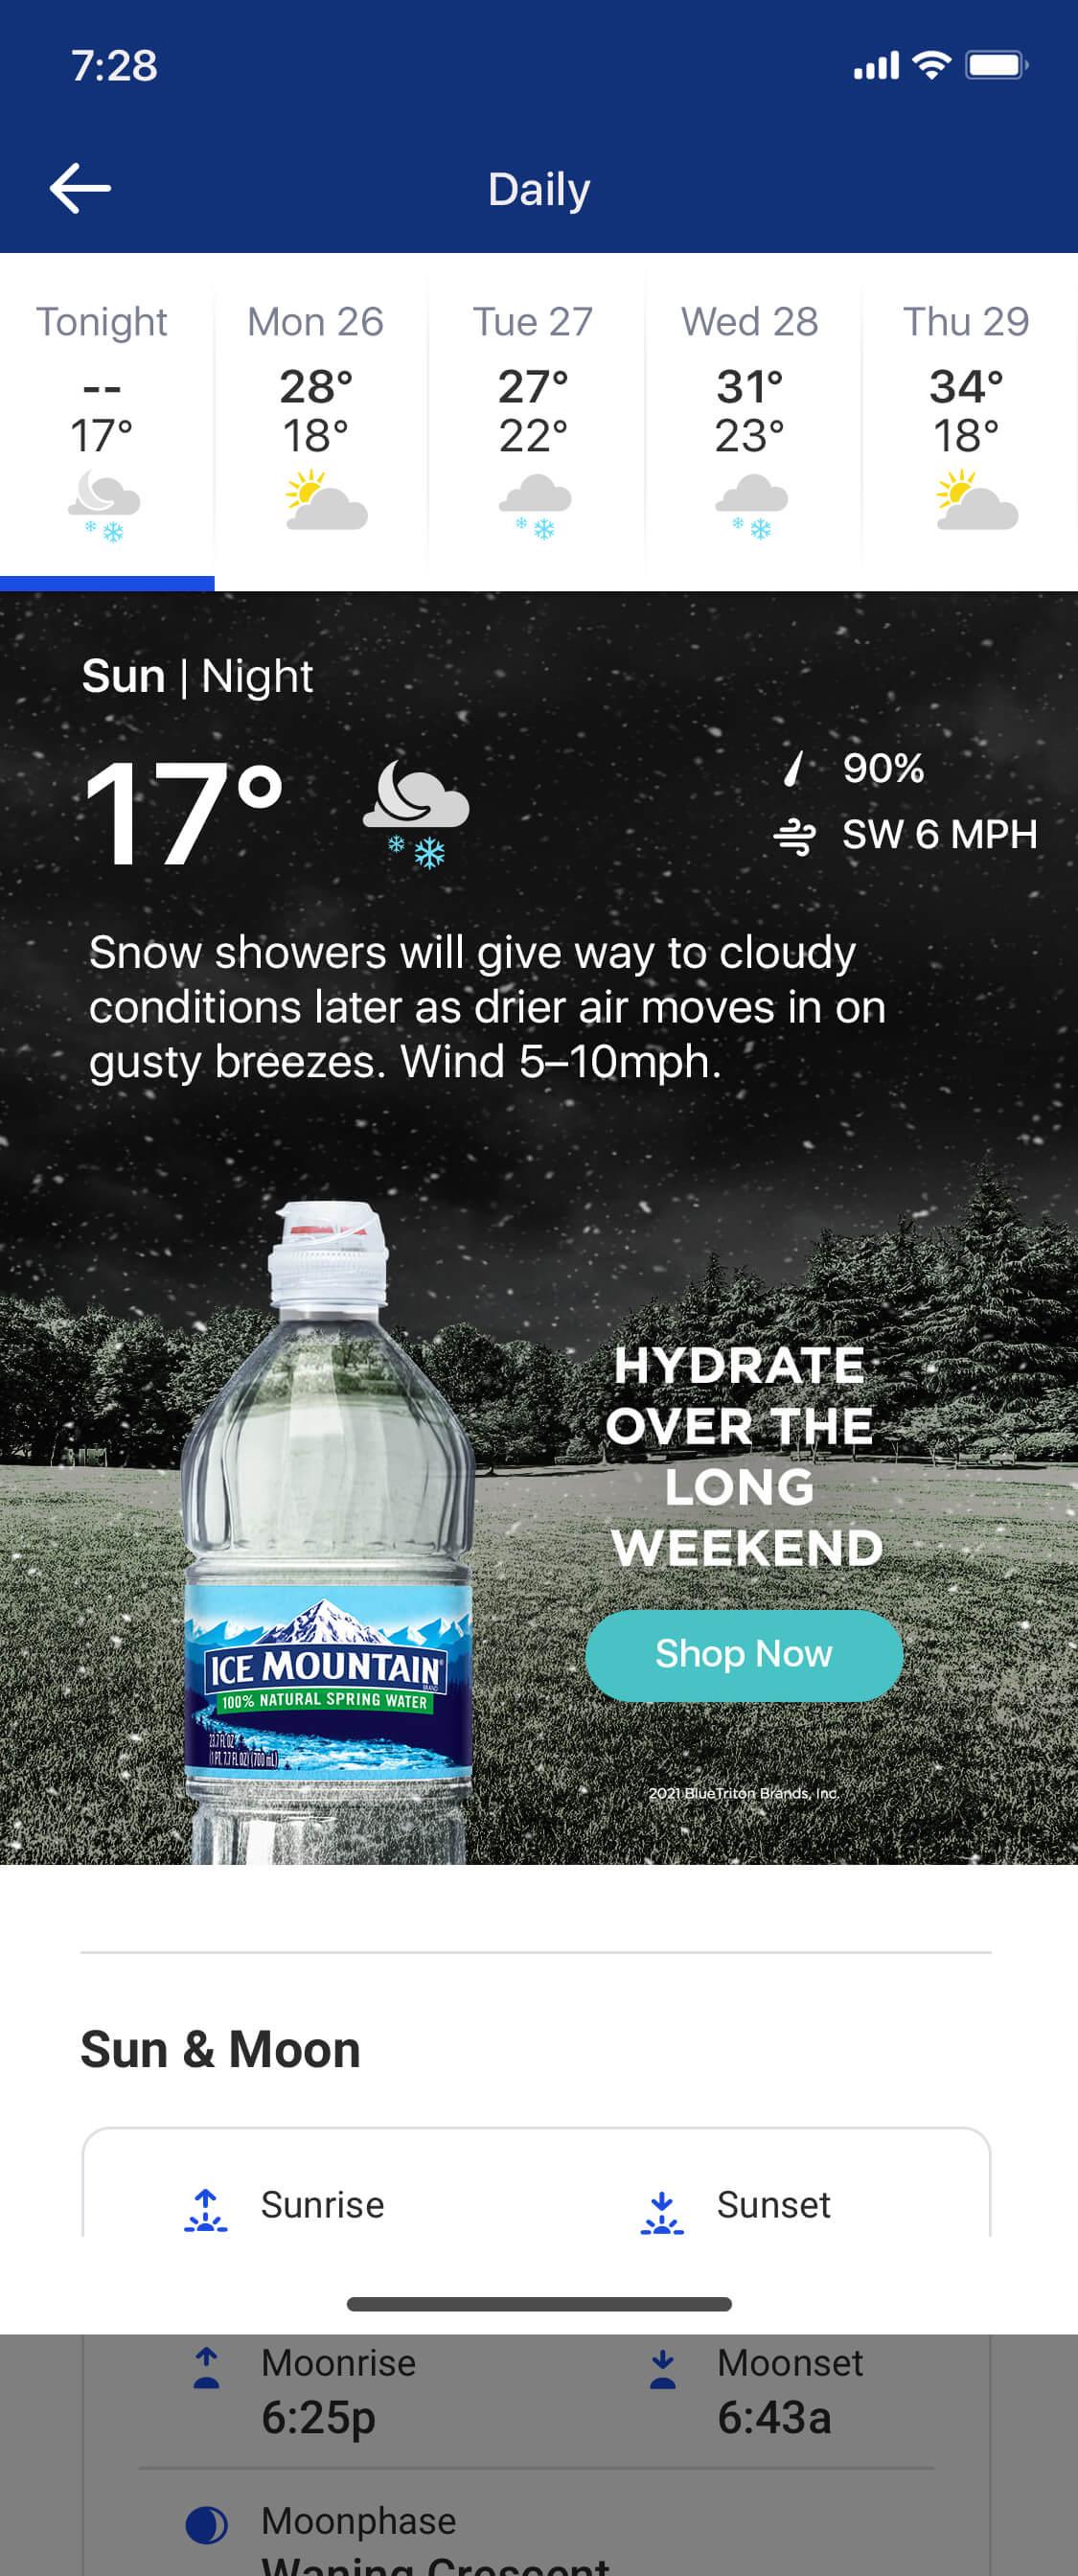 IM-Blue_Triton-Labor-Day-week_ahead-snow-n